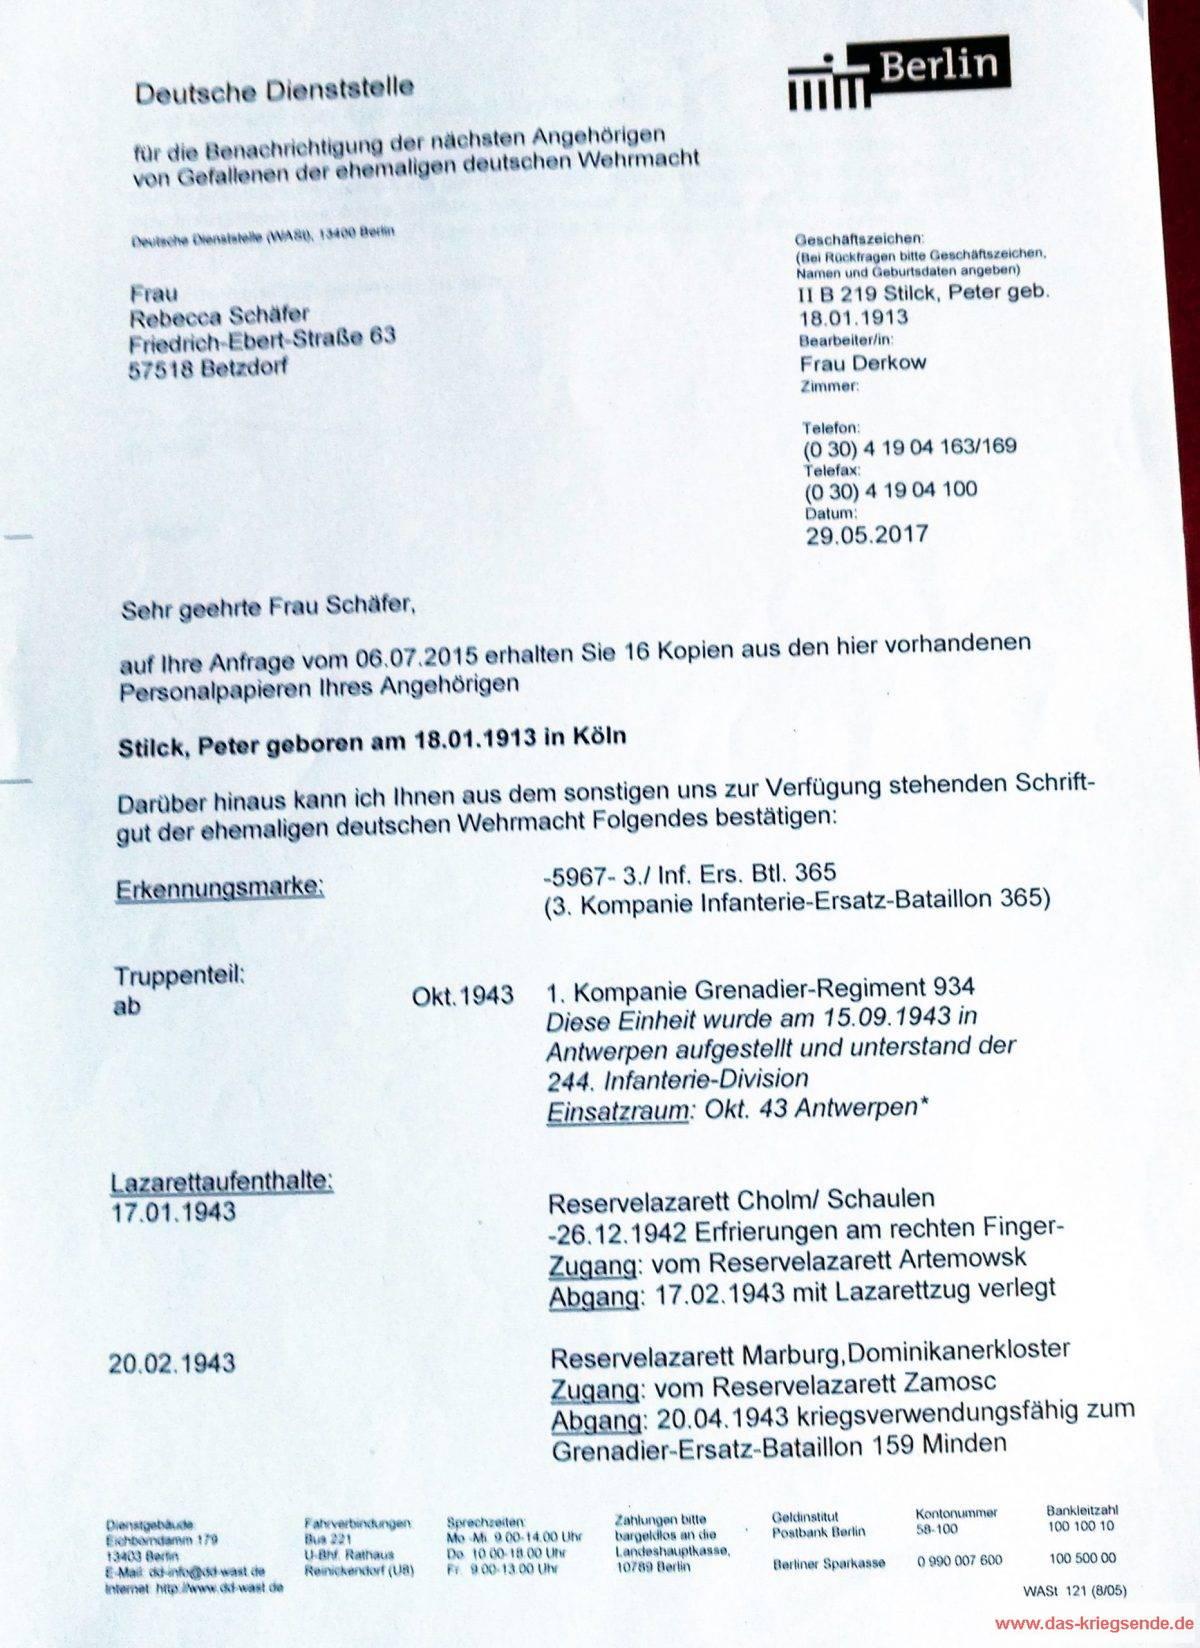 Fall Peter Stilck - Auskunft in Form eines tabellarischen Lebenslauf.